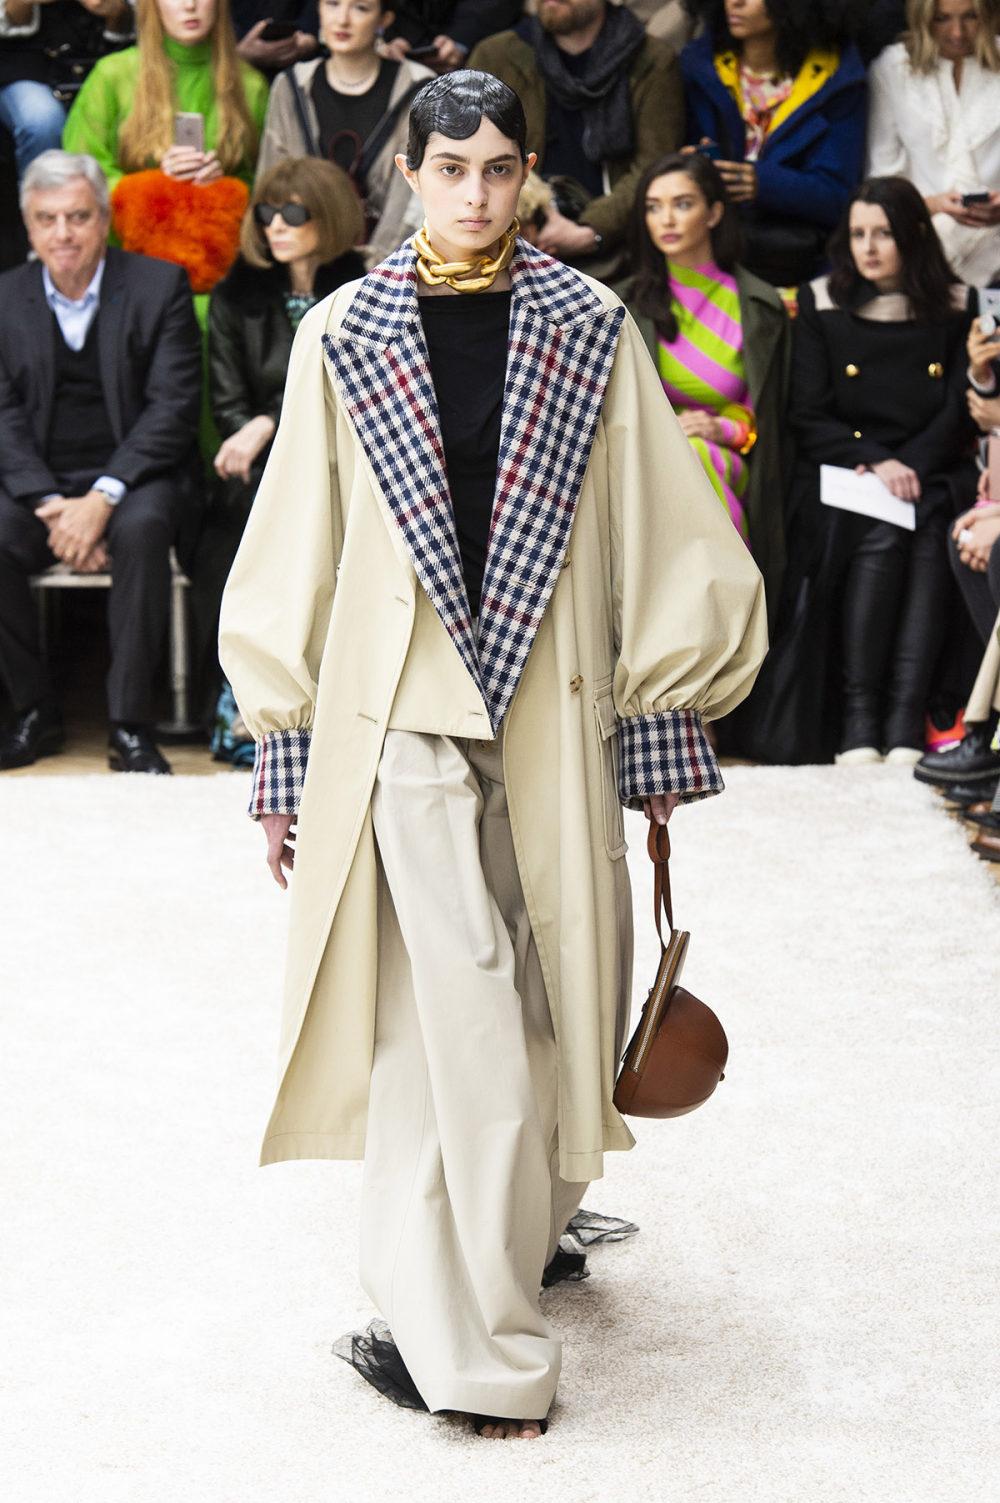 JW Anderson时装系列连衣裙是柔软的边缘用褶皱和长窗帘制成的-30.jpg